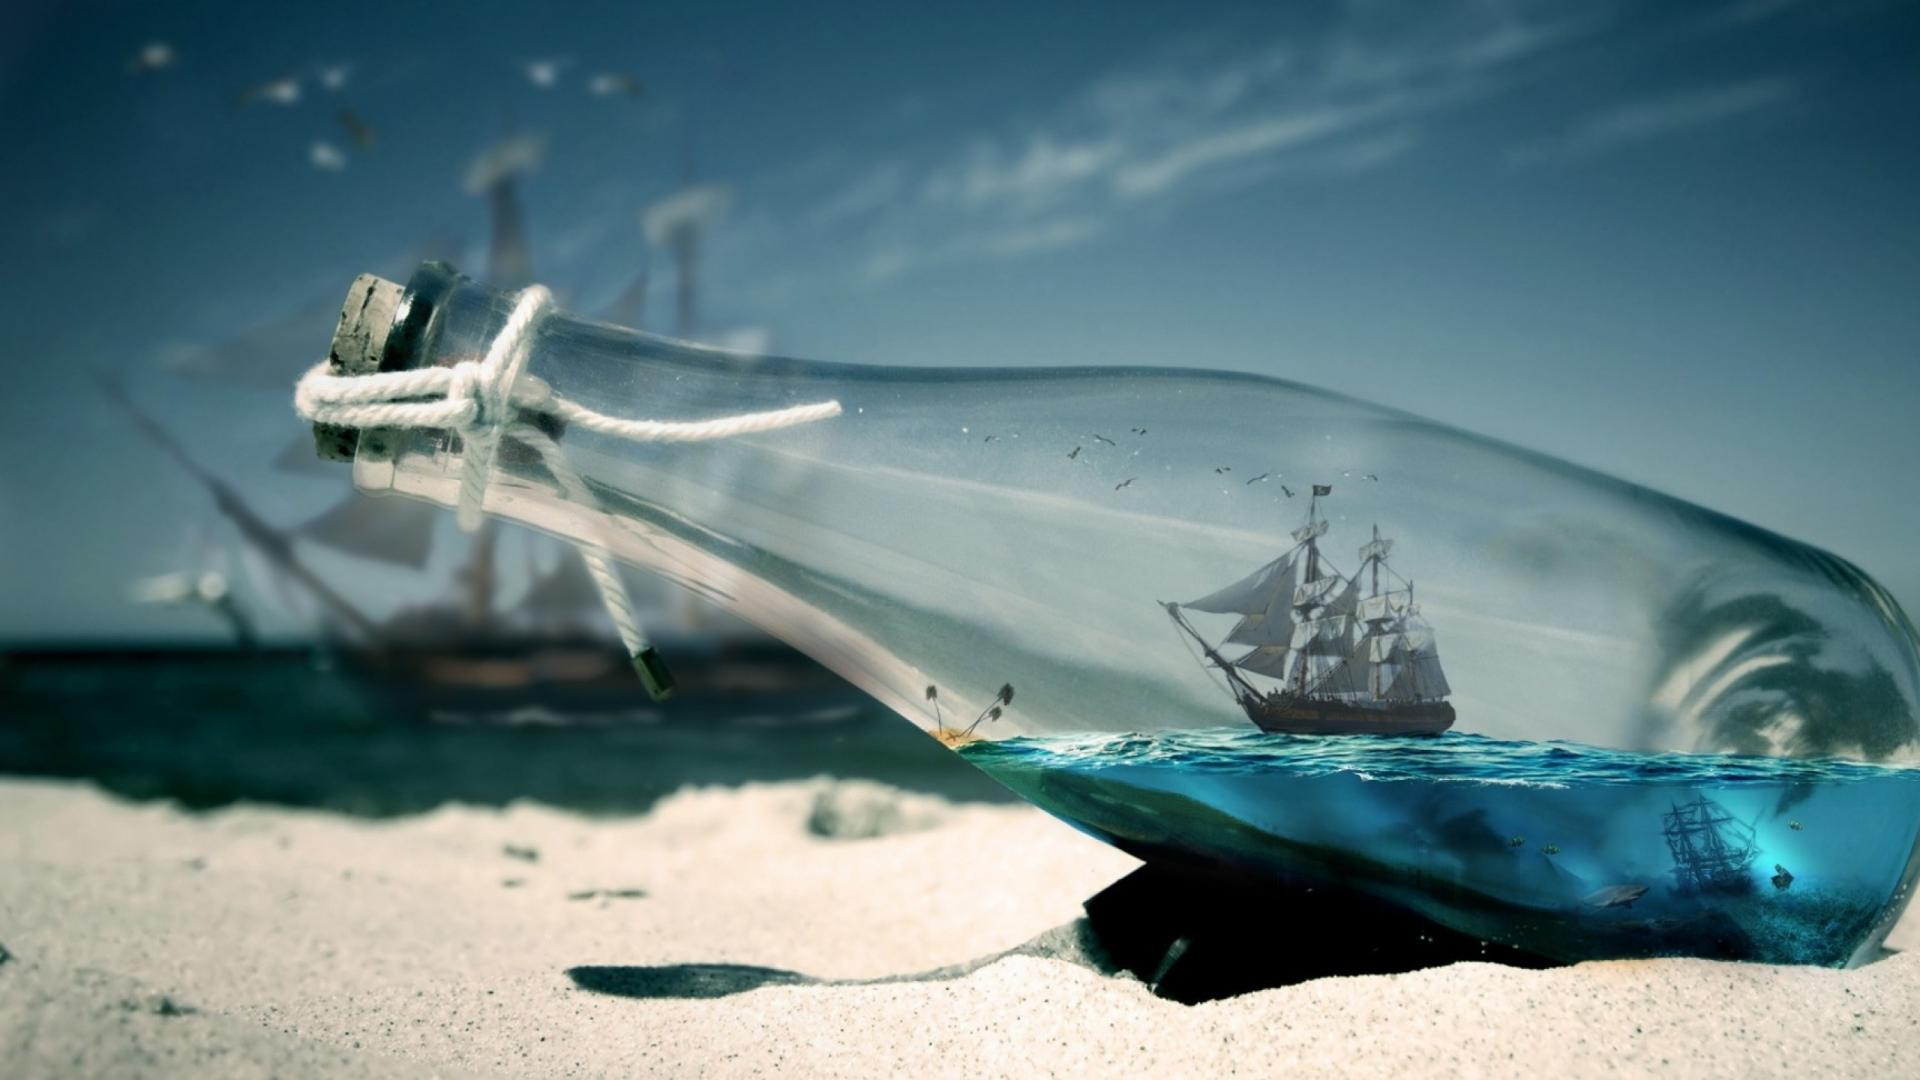 Water Bottle Sea Ships HD Wallpaper of Water   hdwallpaper2013com 1920x1080